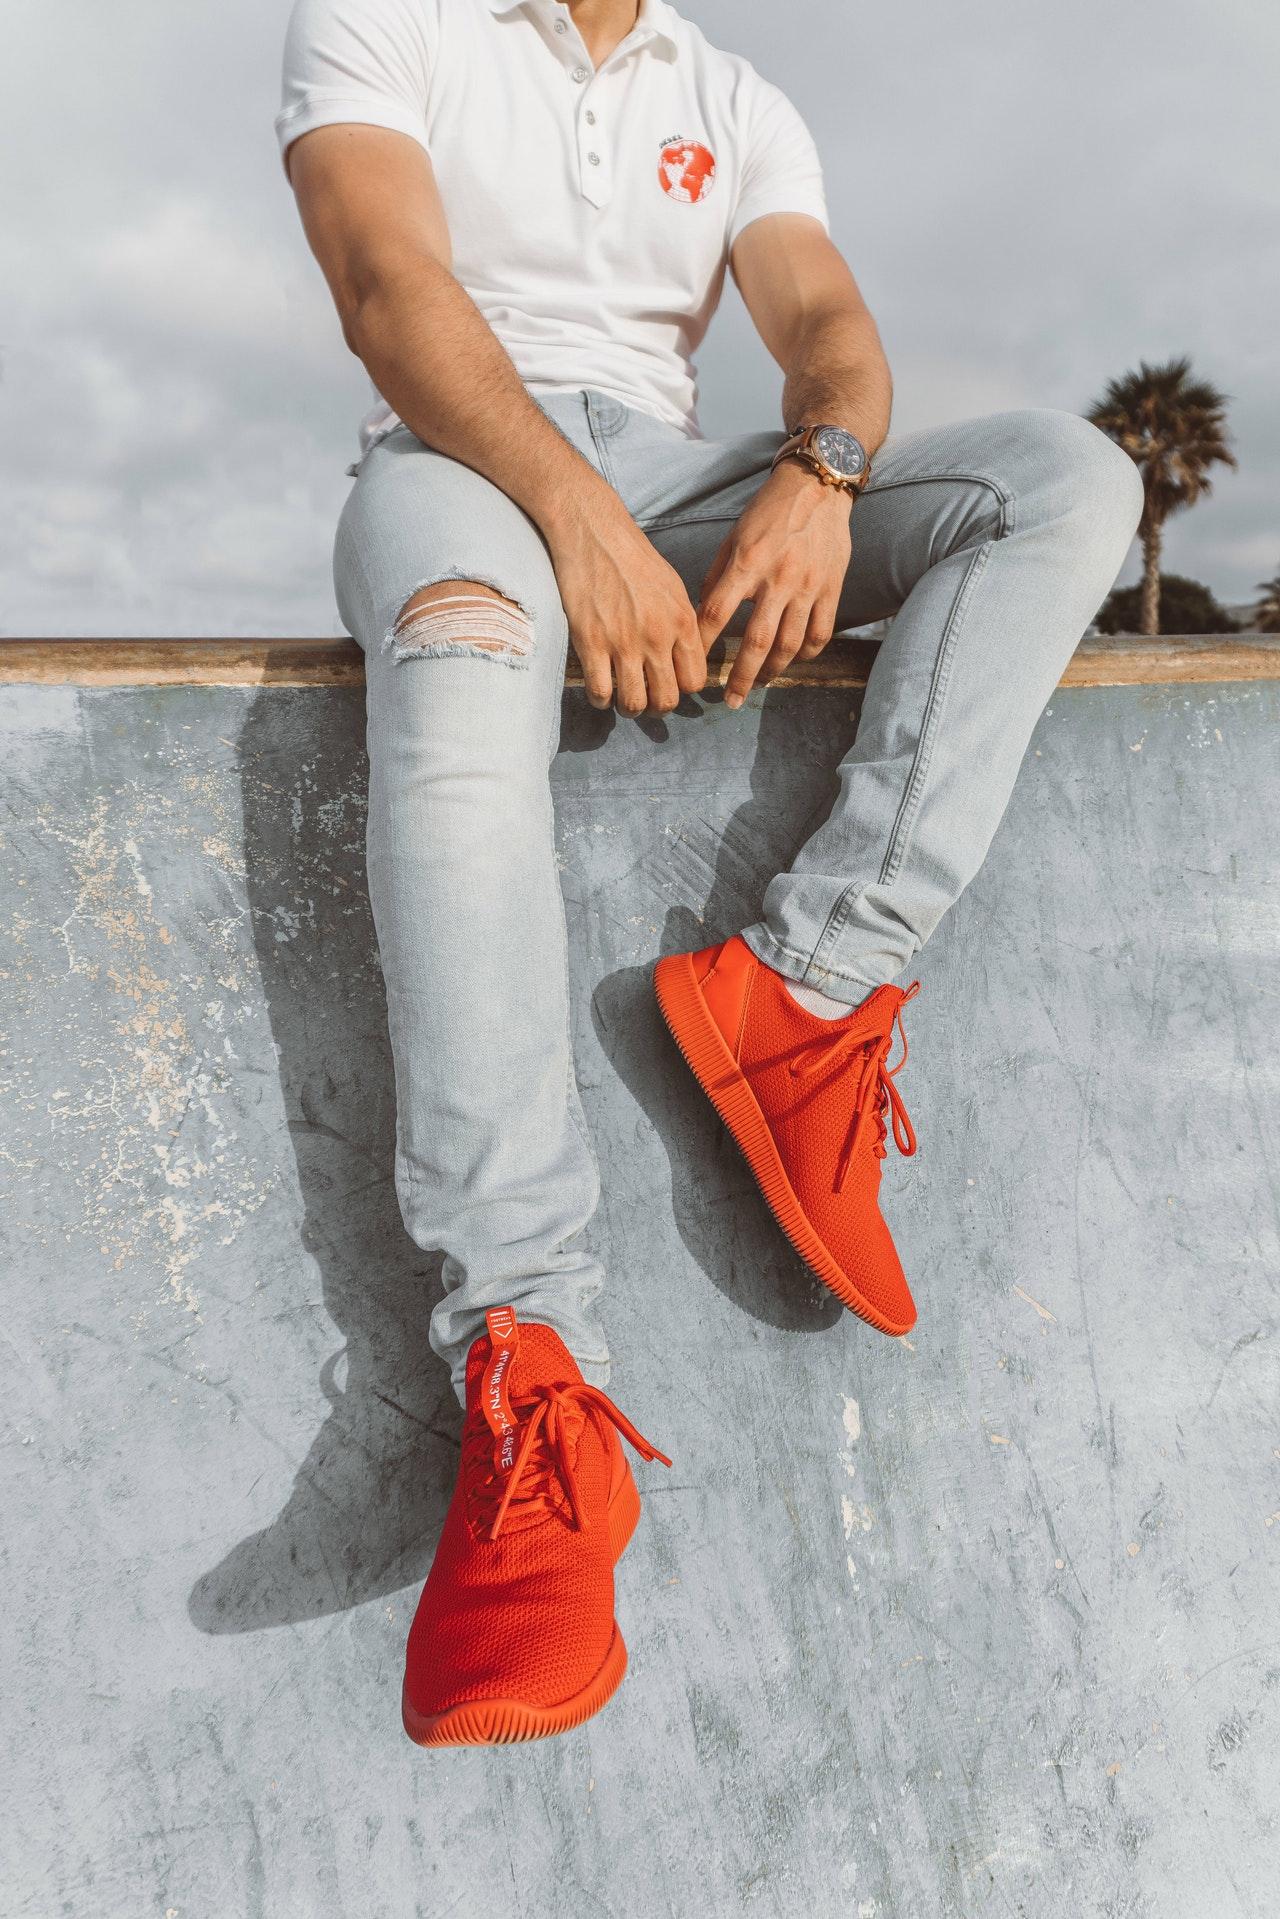 buty męskie do jeansów - jakie wybrać?